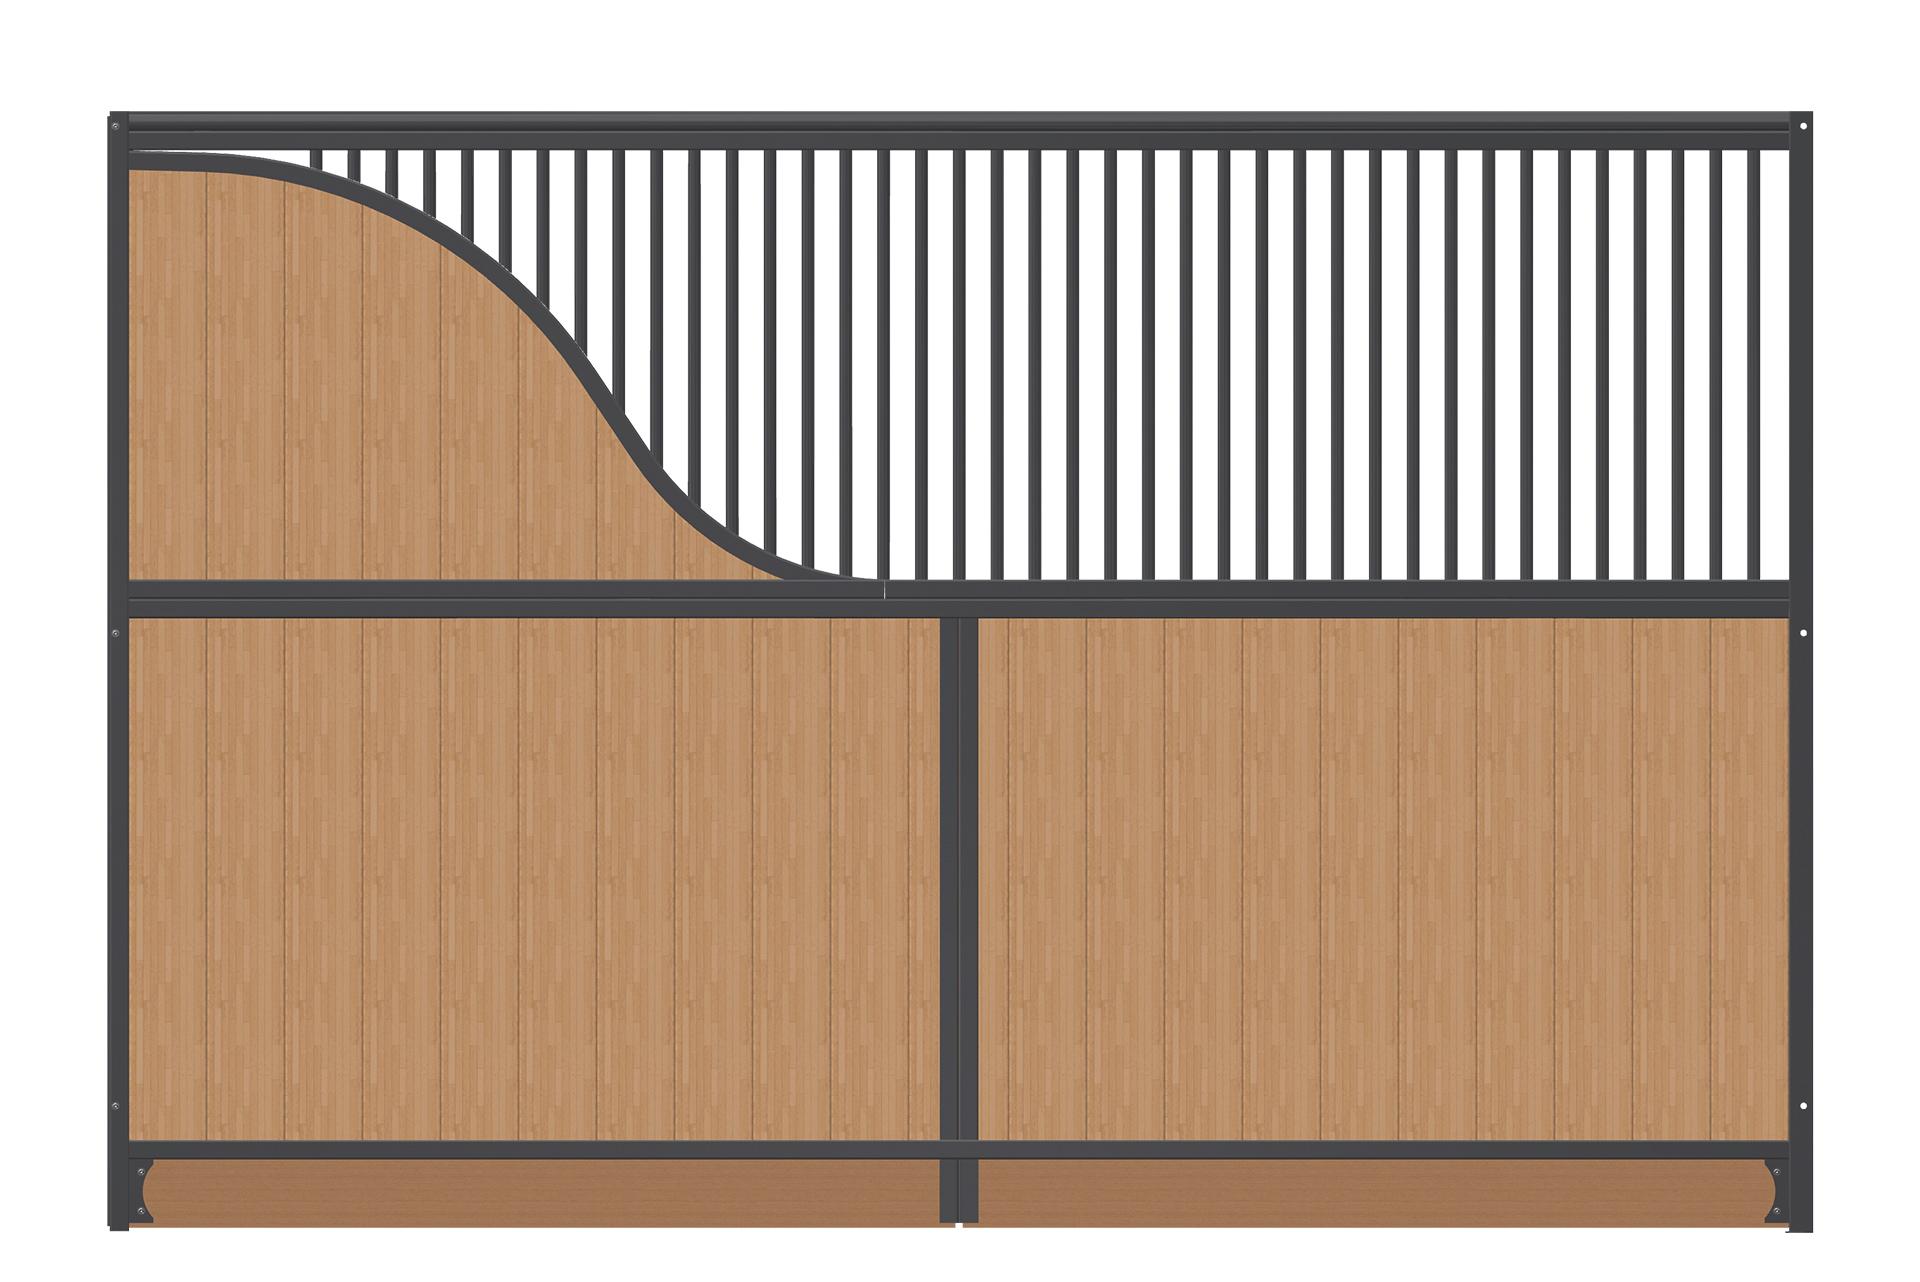 Trennwand-3,5m-1x-S-Bogen